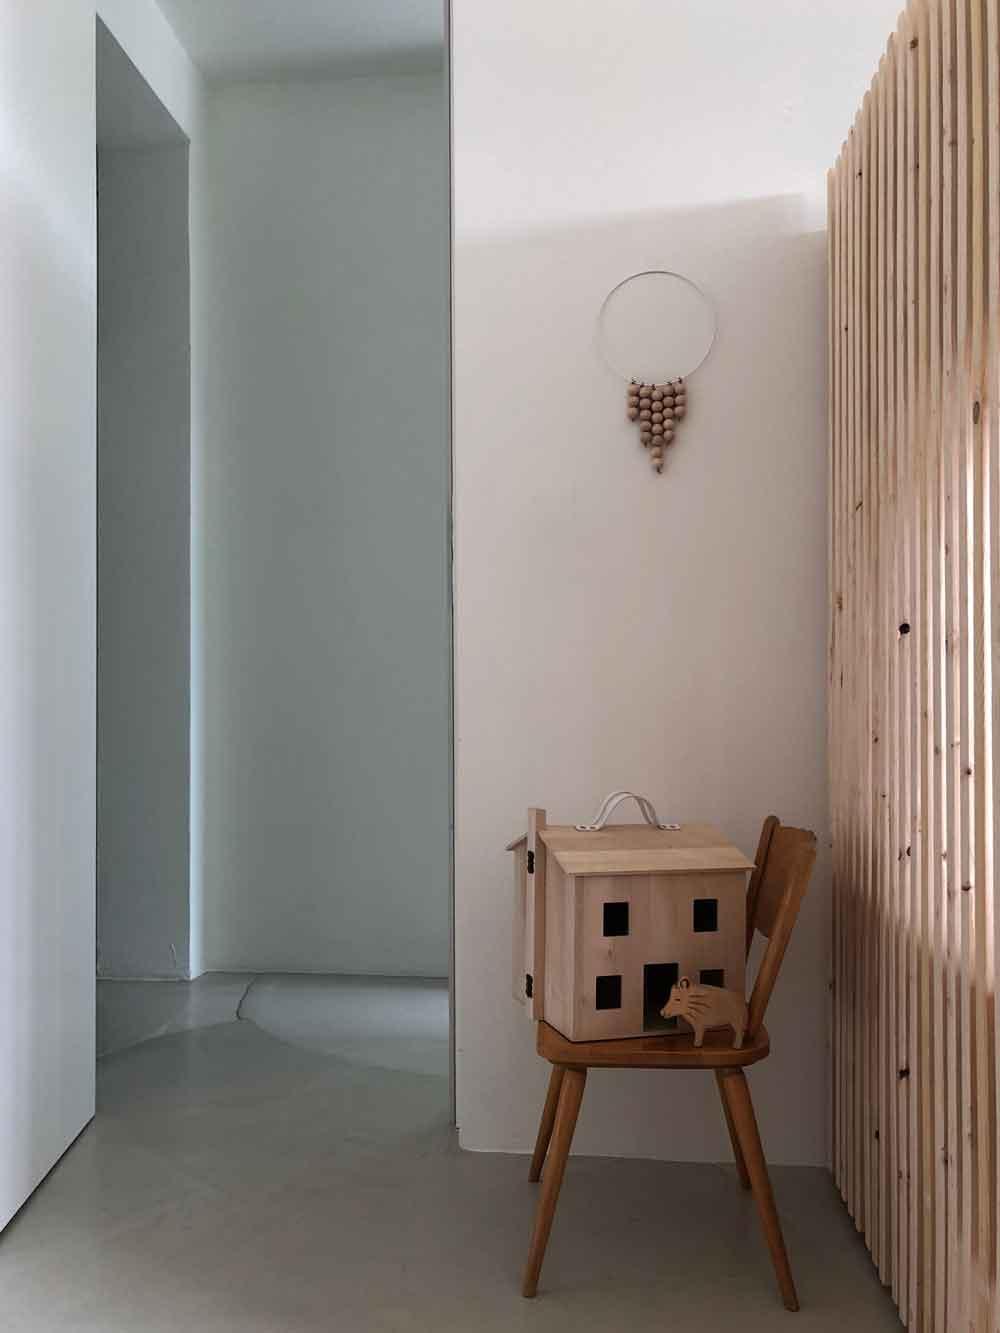 Kinderzimmer Wanddekoration Stockbett Holz Puppenhaus schlicht minimalistisch skandinavisch - 5 Min DIY | eine schlichte Dekoration für´s Kinderzimmer